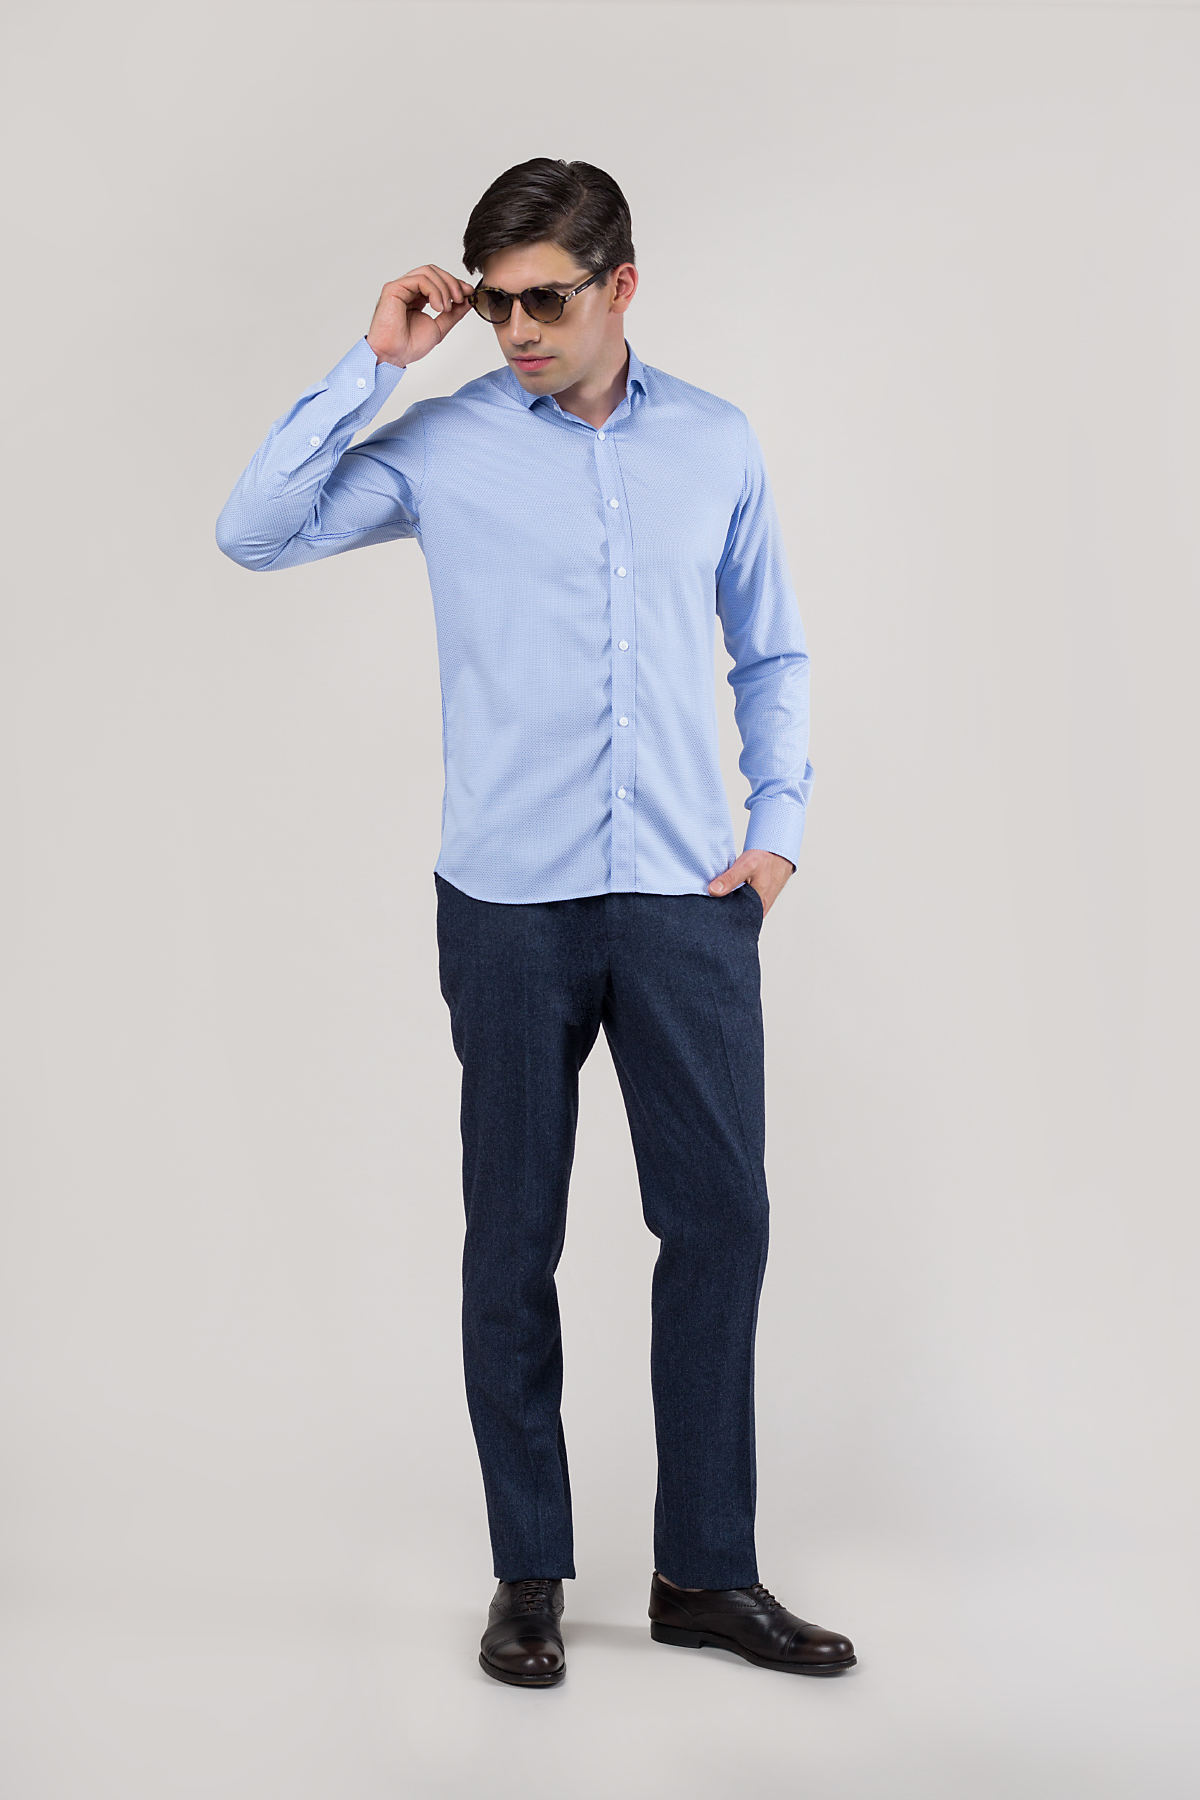 Рубашка из структурной ткани голубого цвета Vaismann 20102